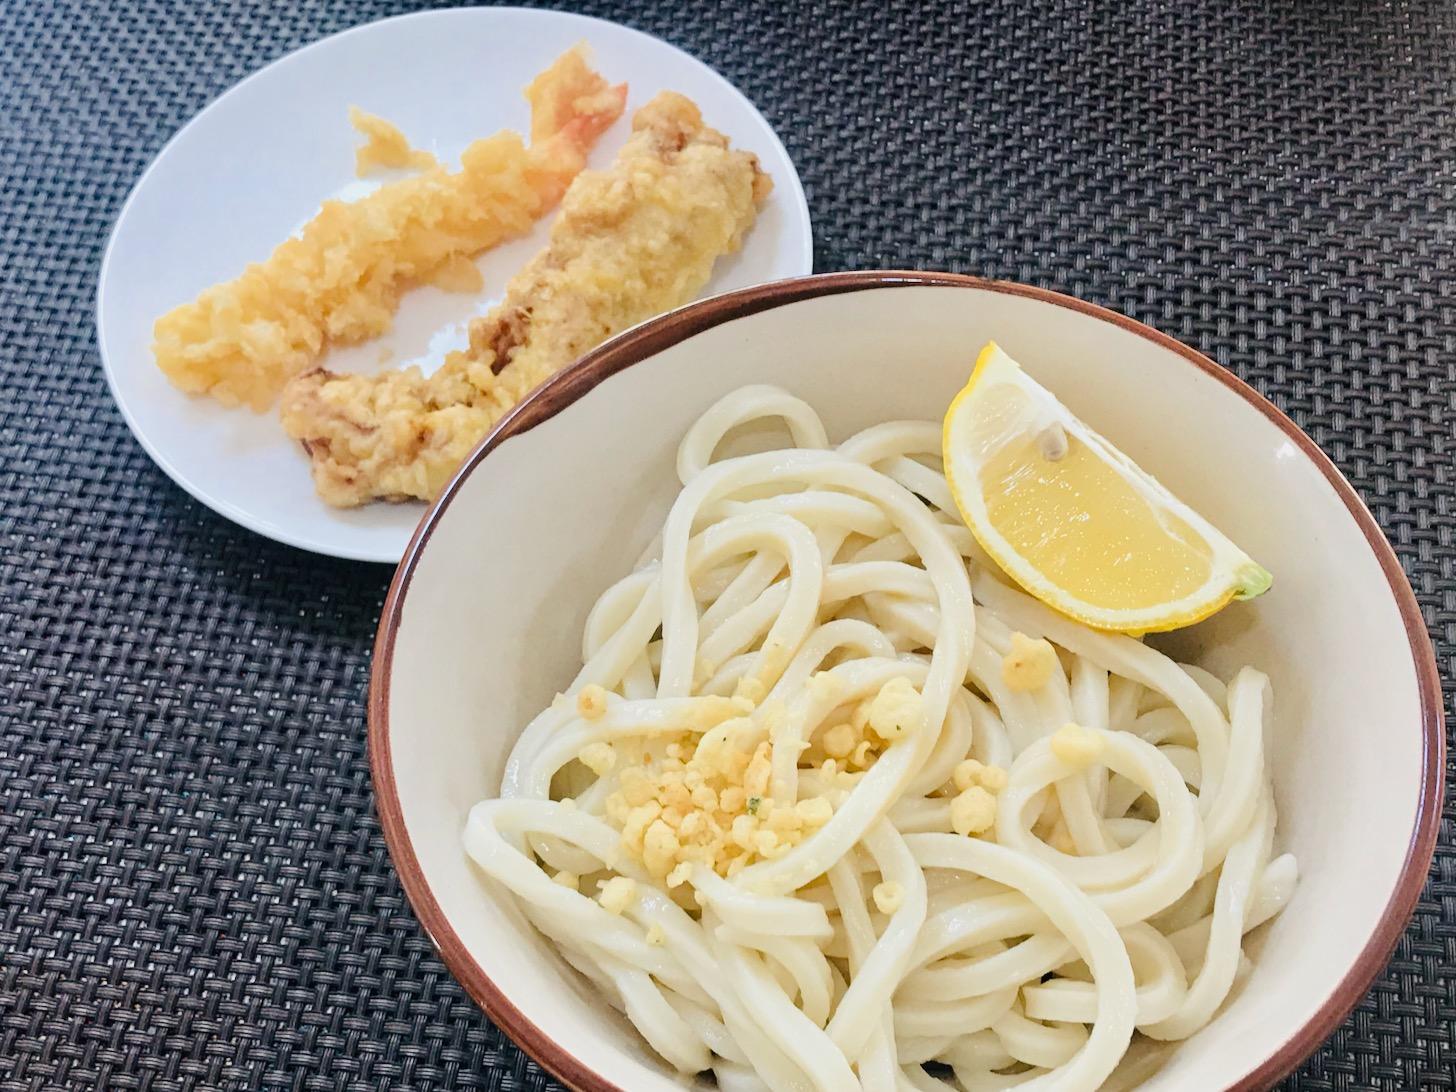 おうちで「丸亀製麺」いただきます。天かすとレモンは自前でトッピングしました